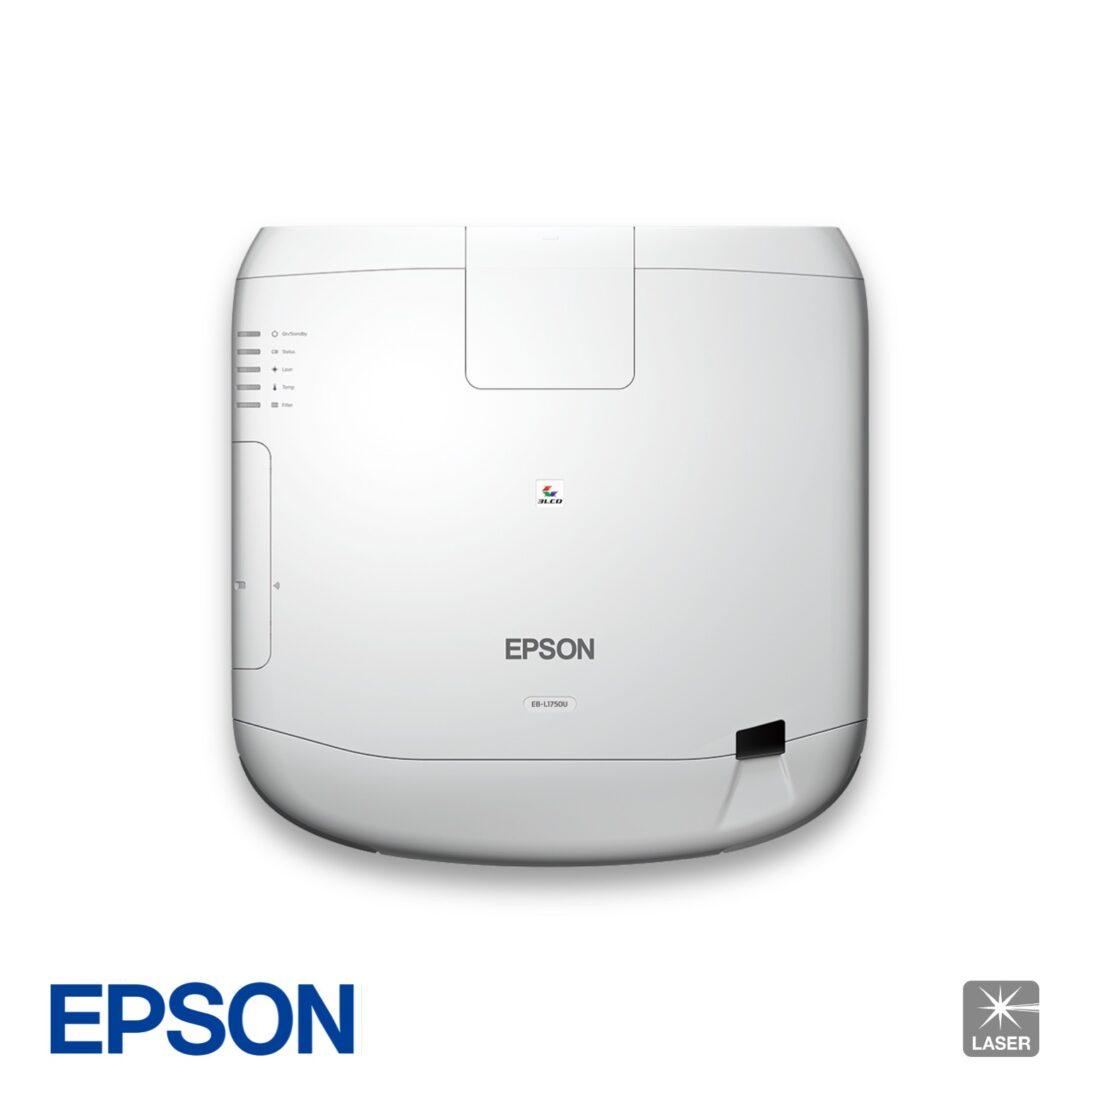 EB-L1490U top